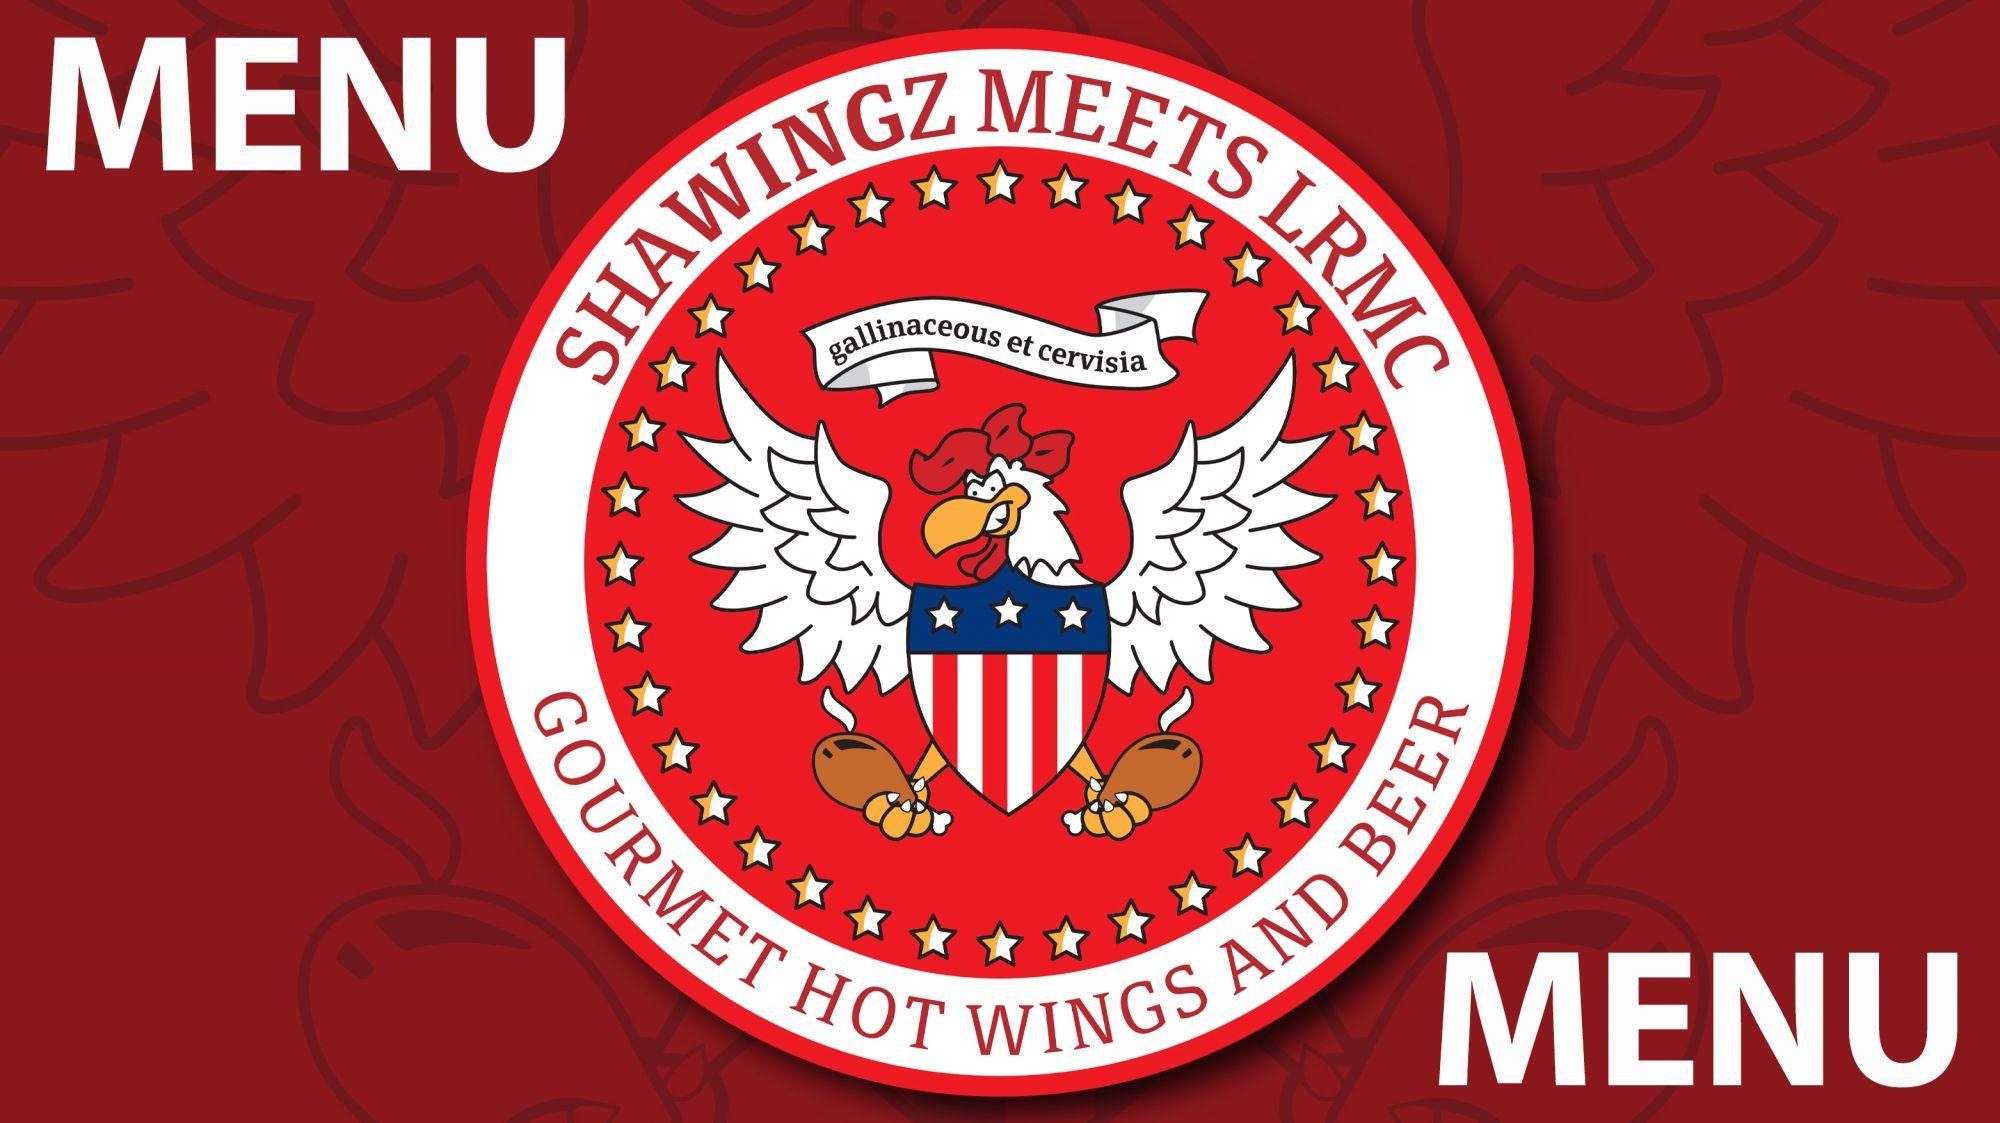 Shawingz LRMC Web Menu Image.jpg